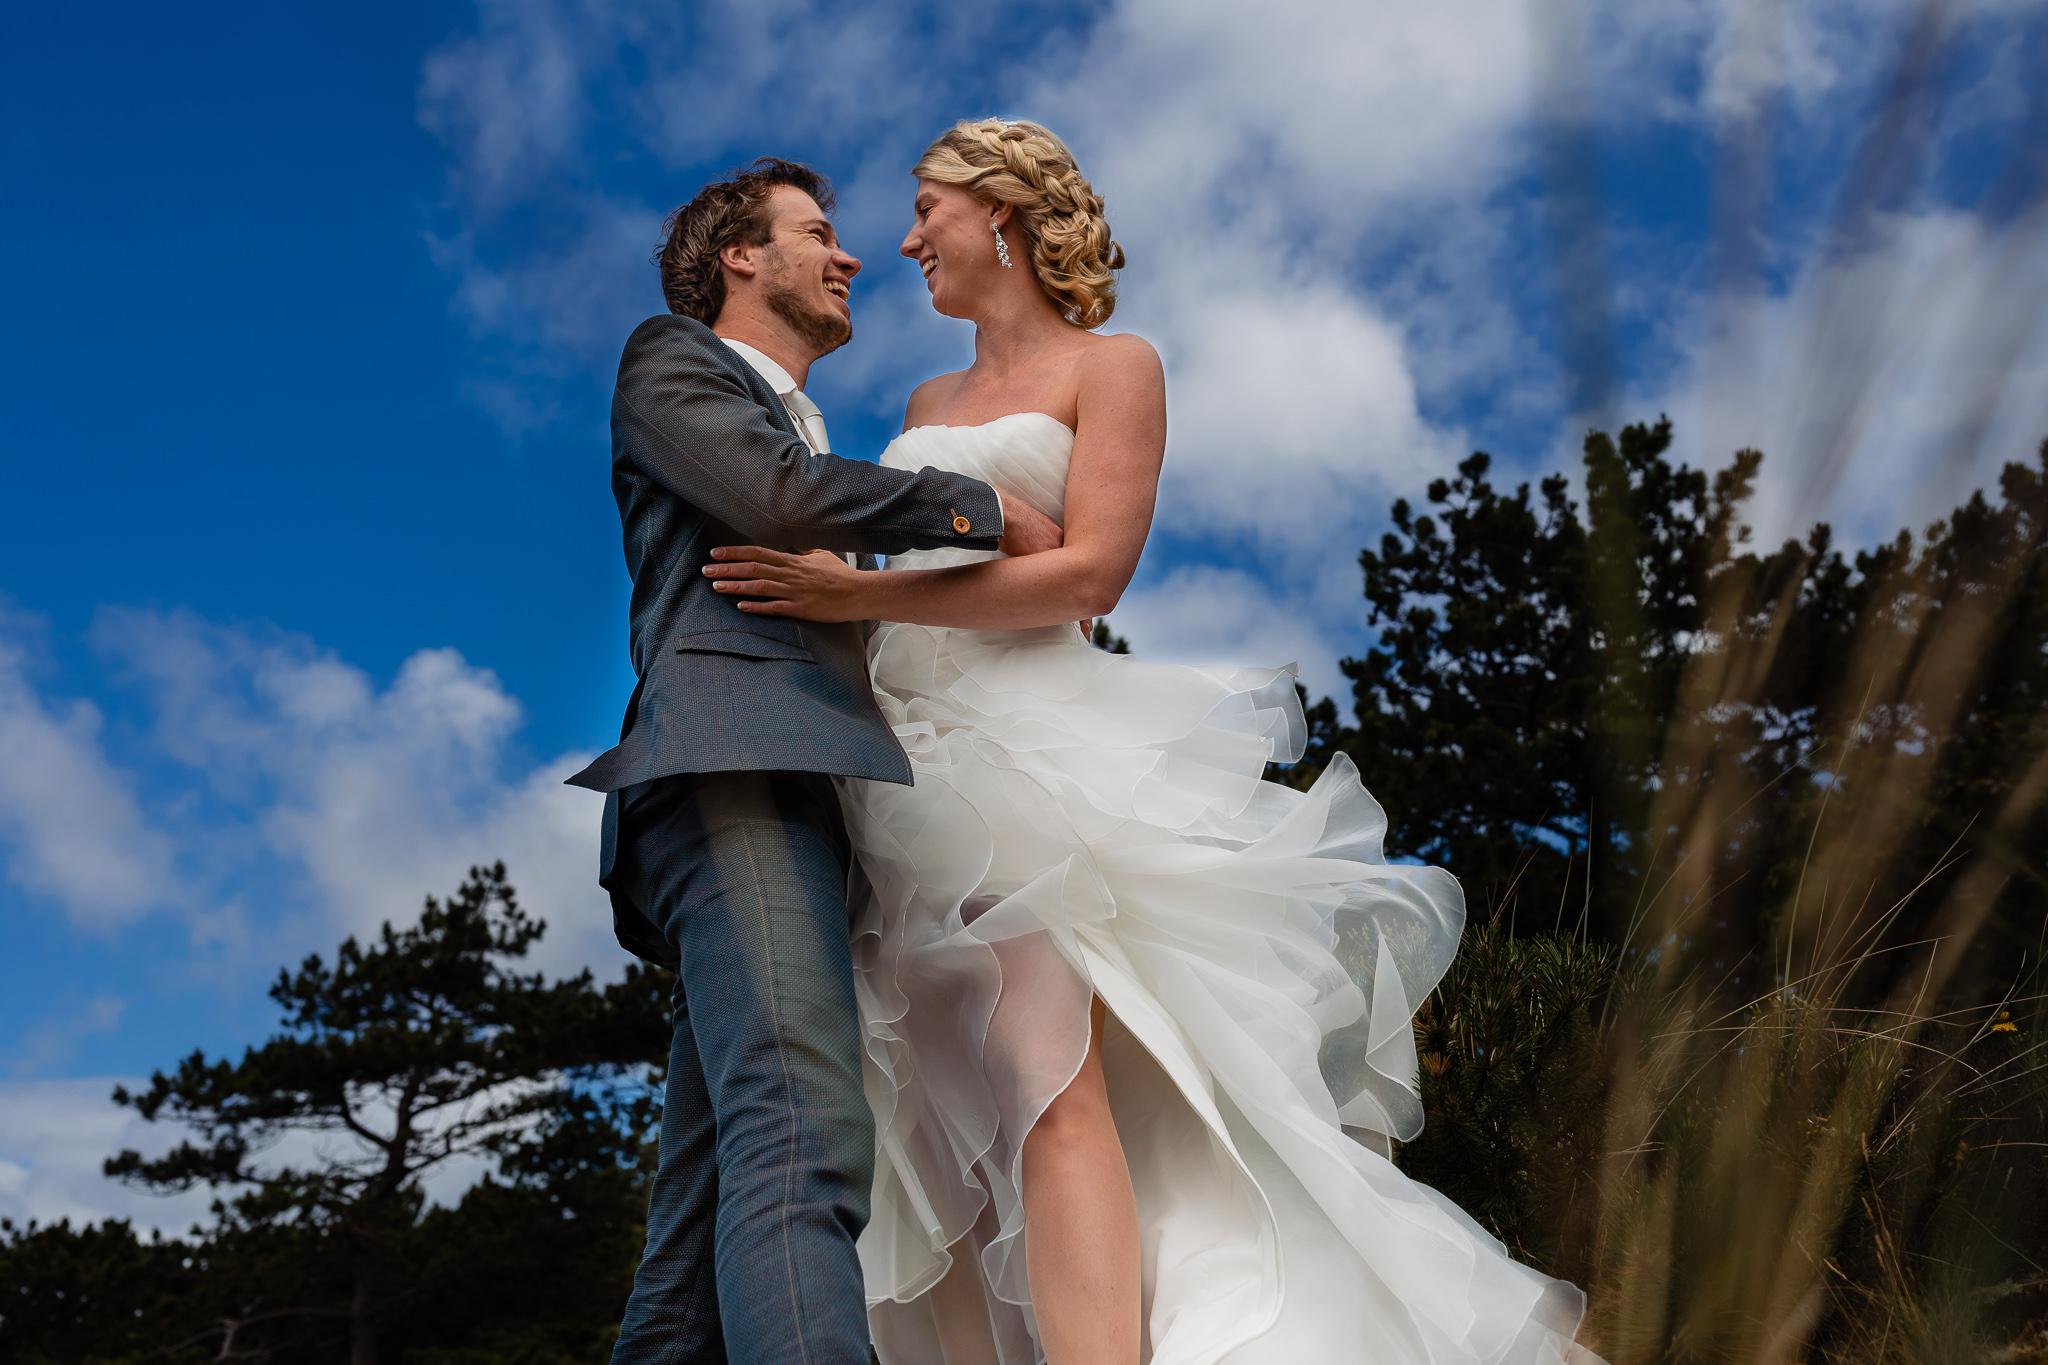 Bruidspaar geniet van de fotoshoot